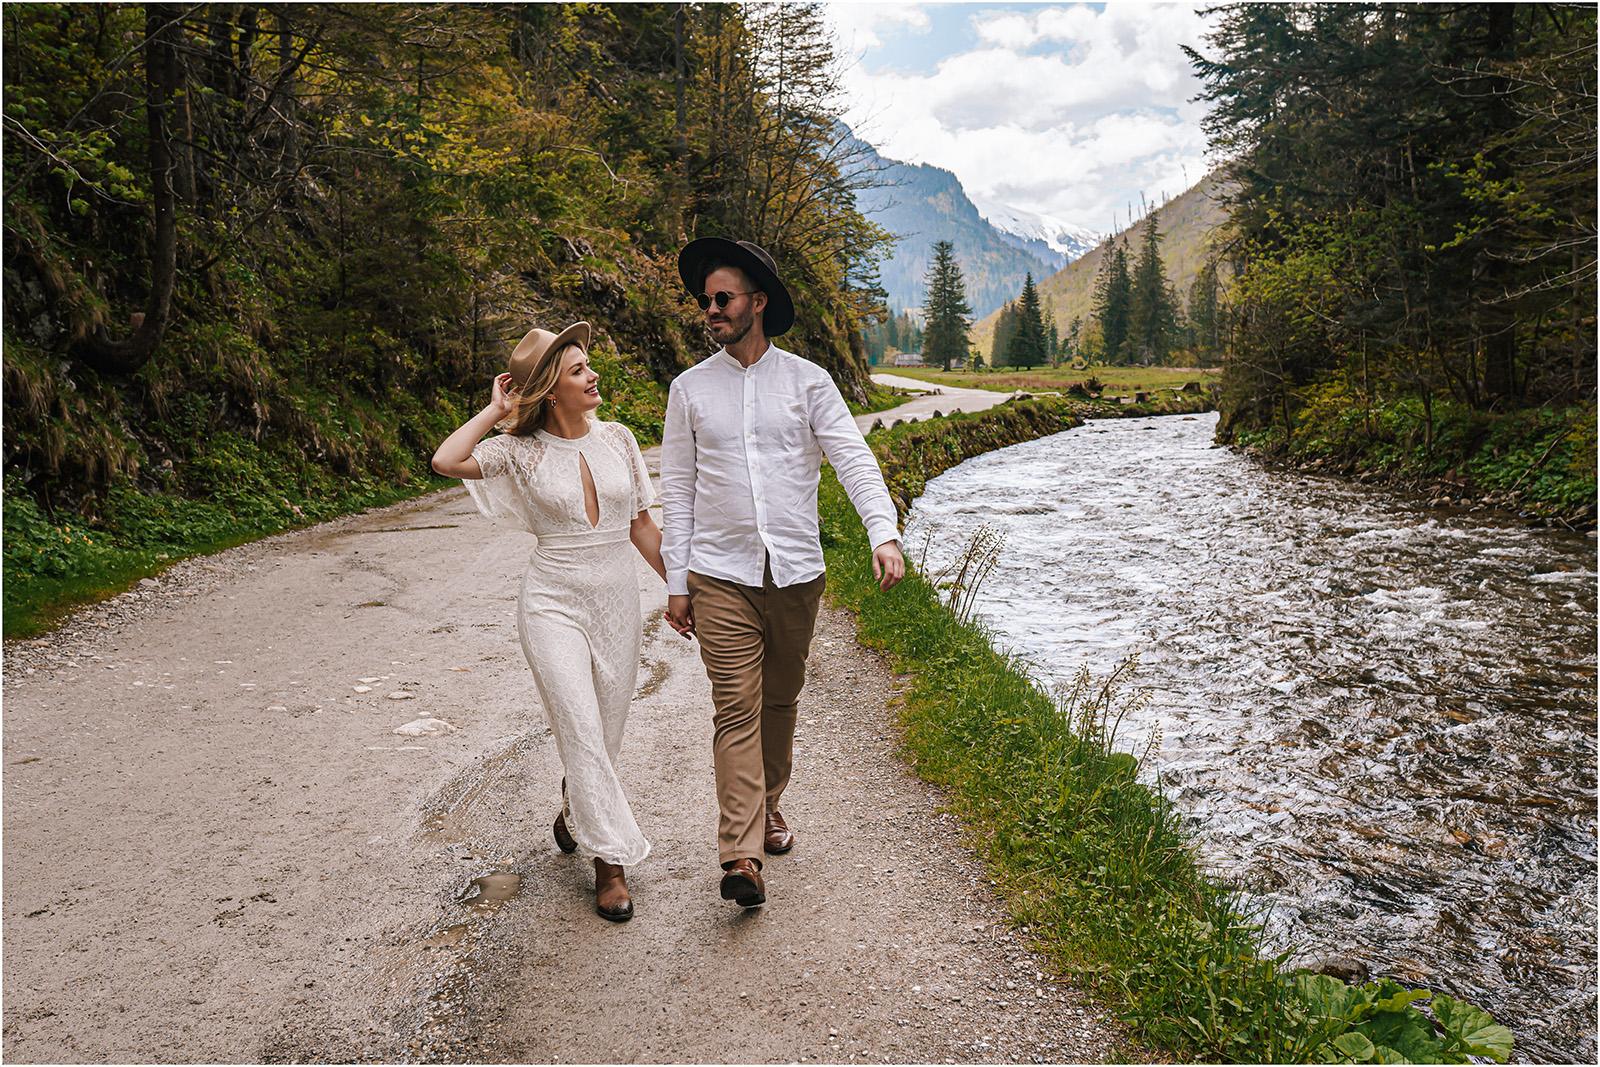 Amanda & Błażej | ślub i sesja w górach 63